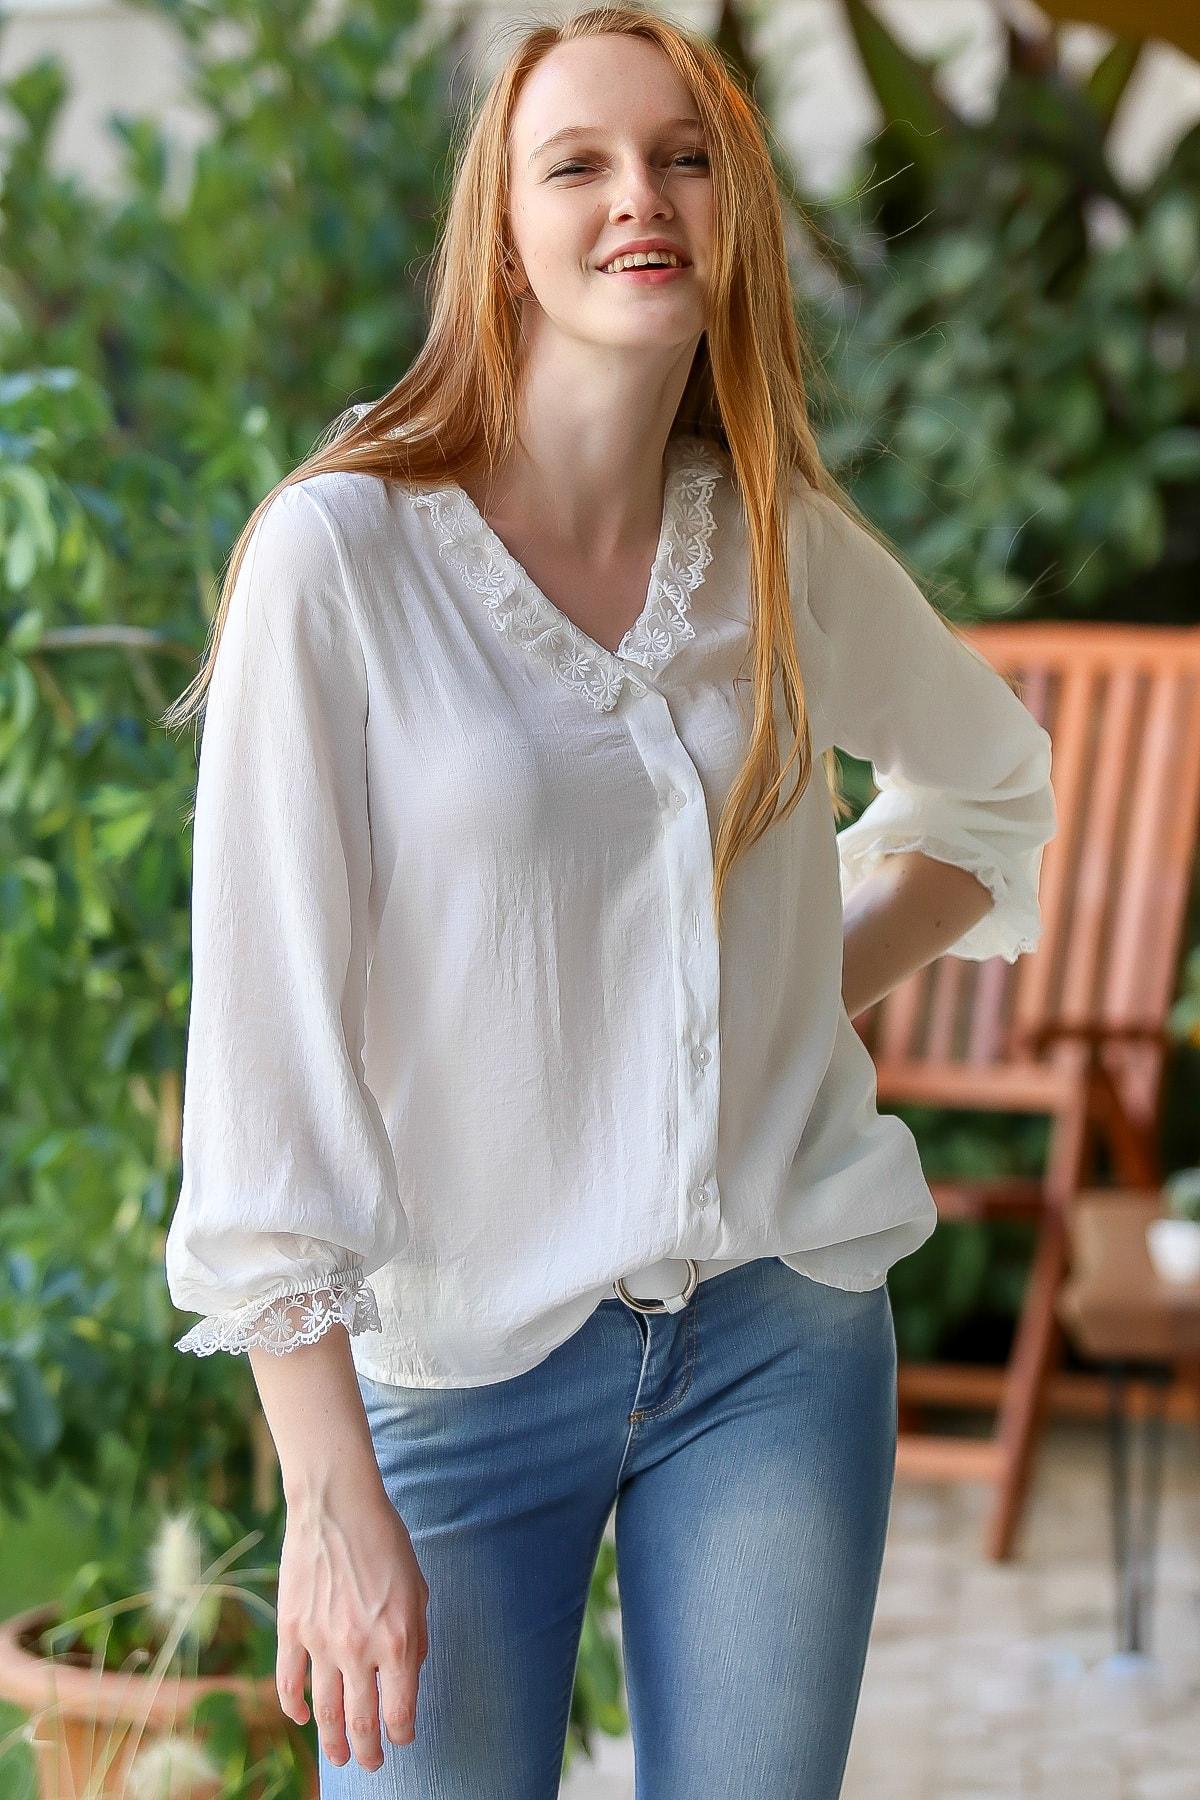 Chiccy Kadın Beyaz Vintage yakası ve kol ucu dantel detaylı düğmeli bluz M10010200BL96061